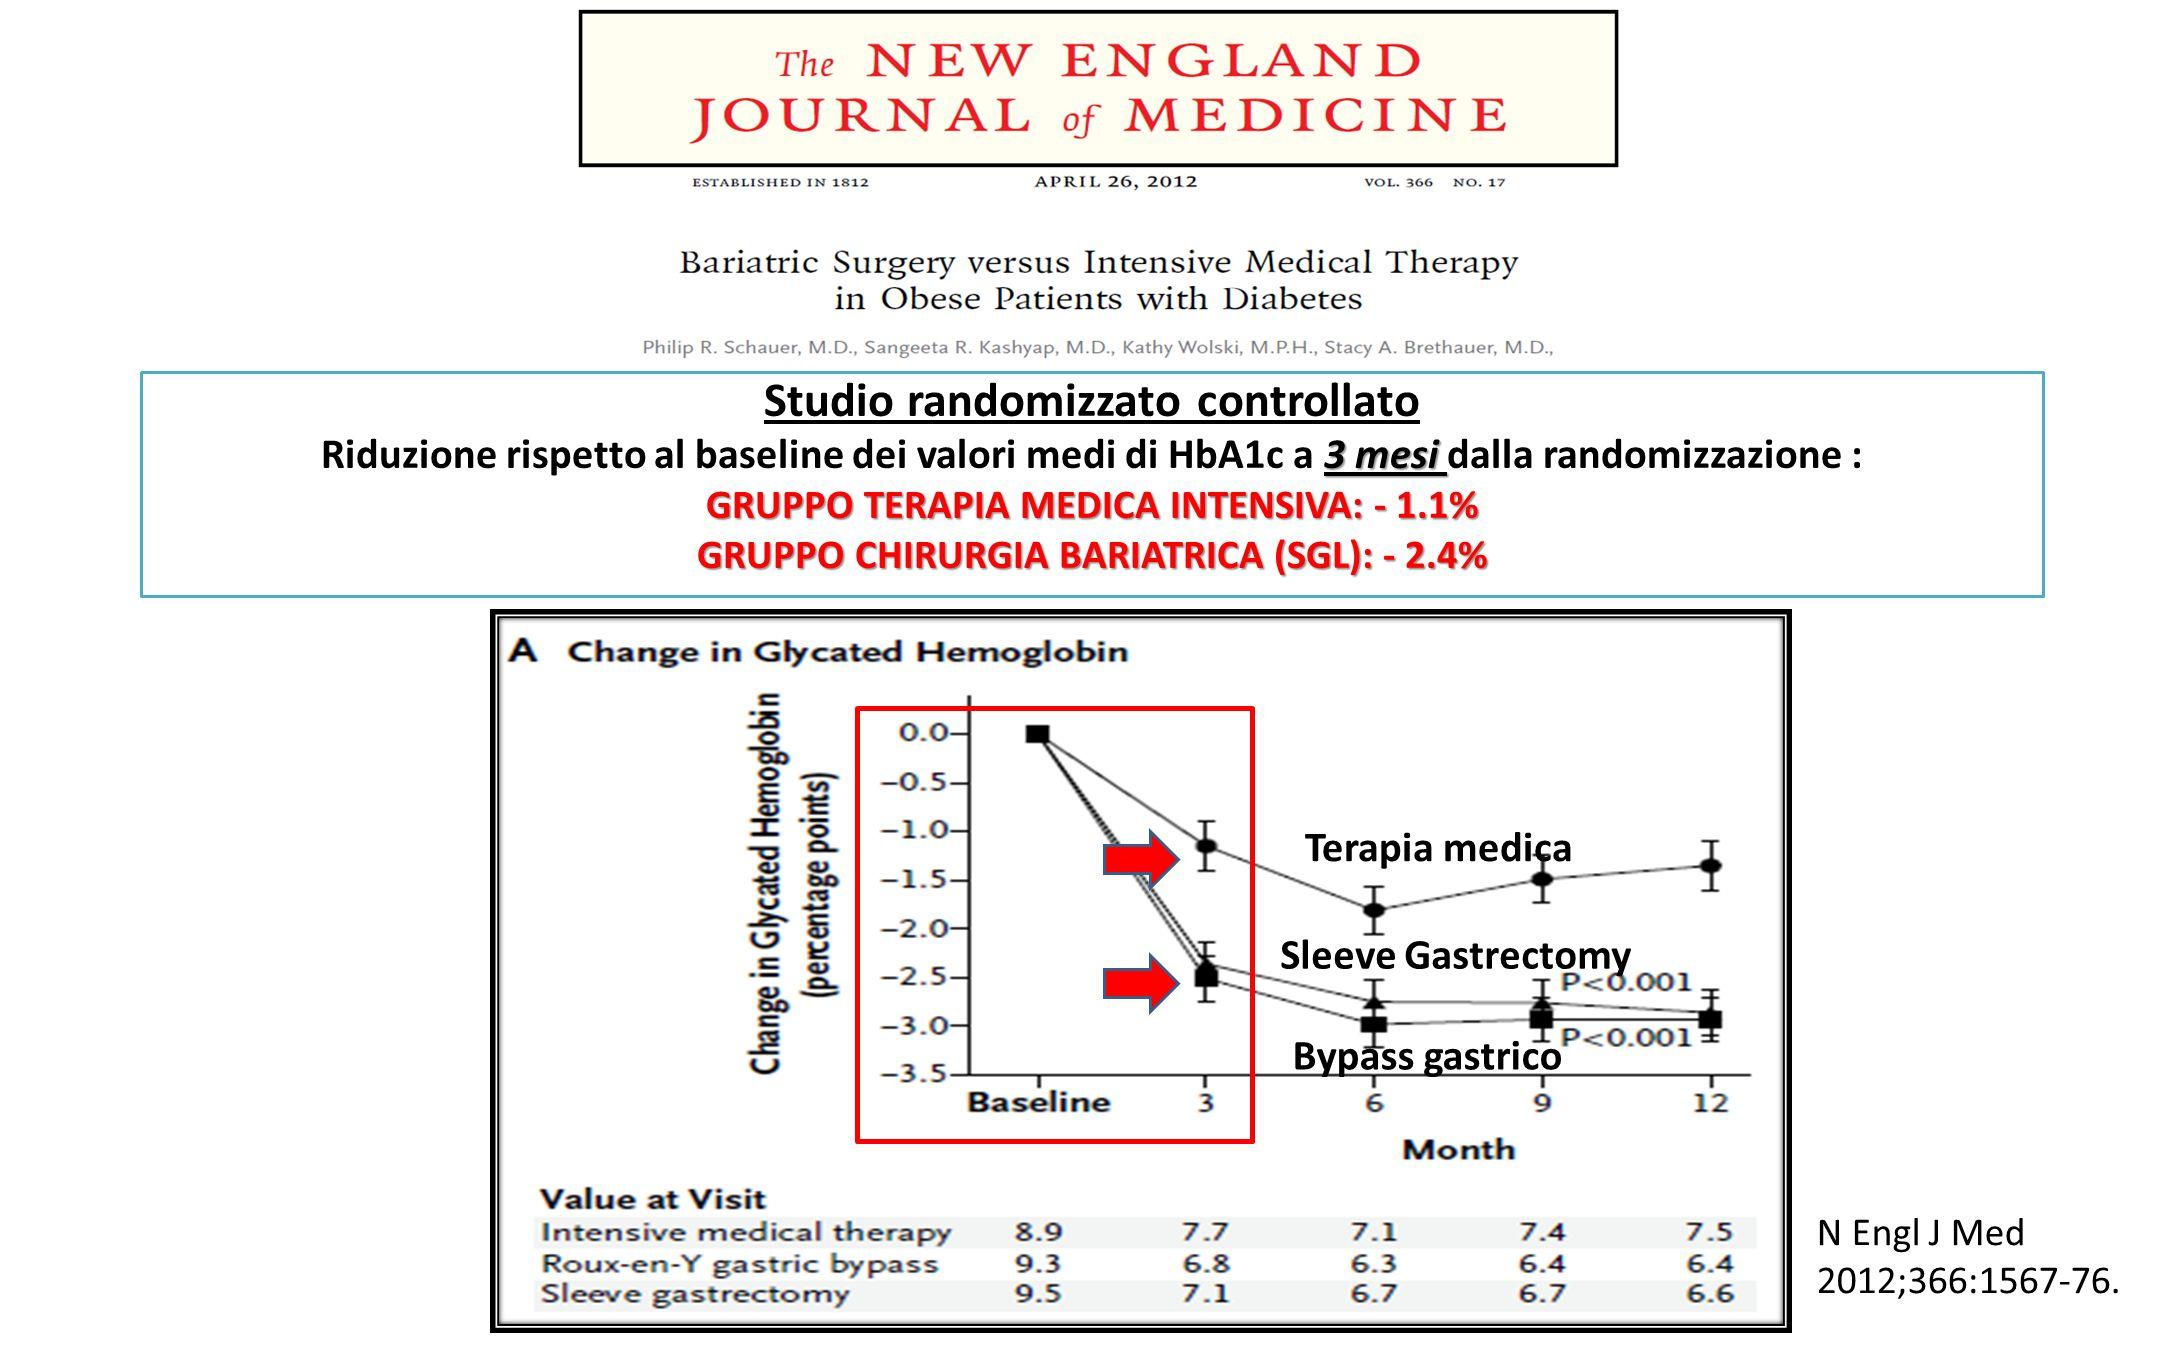 Studio randomizzato controllato 3 mesi Riduzione rispetto al baseline dei valori medi di HbA1c a 3 mesi dalla randomizzazione : GRUPPO TERAPIA MEDICA